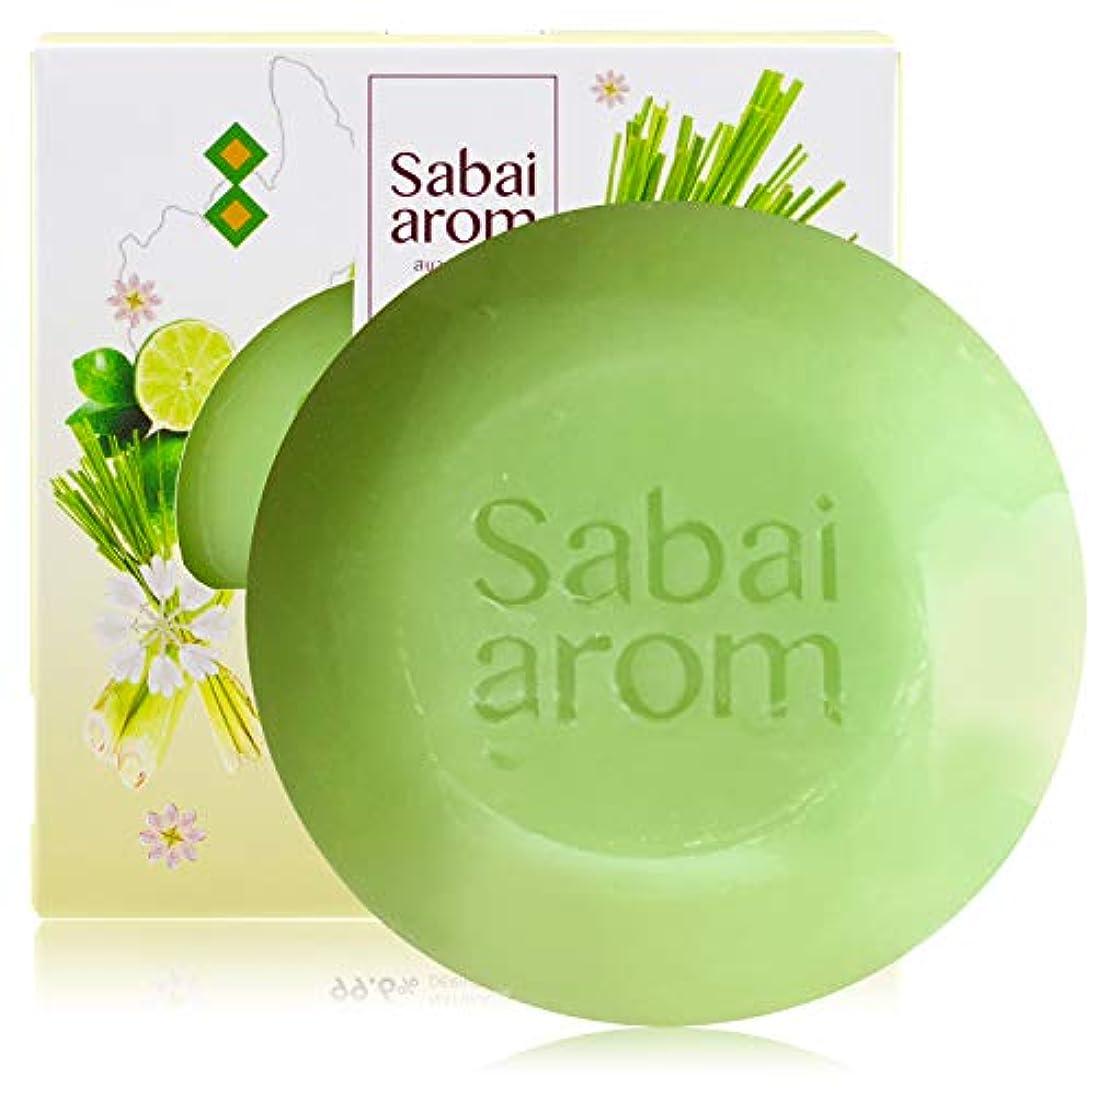 日公爵ロケットサバイアロム(Sabai-arom) レモングラス フェイス&ボディソープバー (石鹸) 100g【LMG】【001】